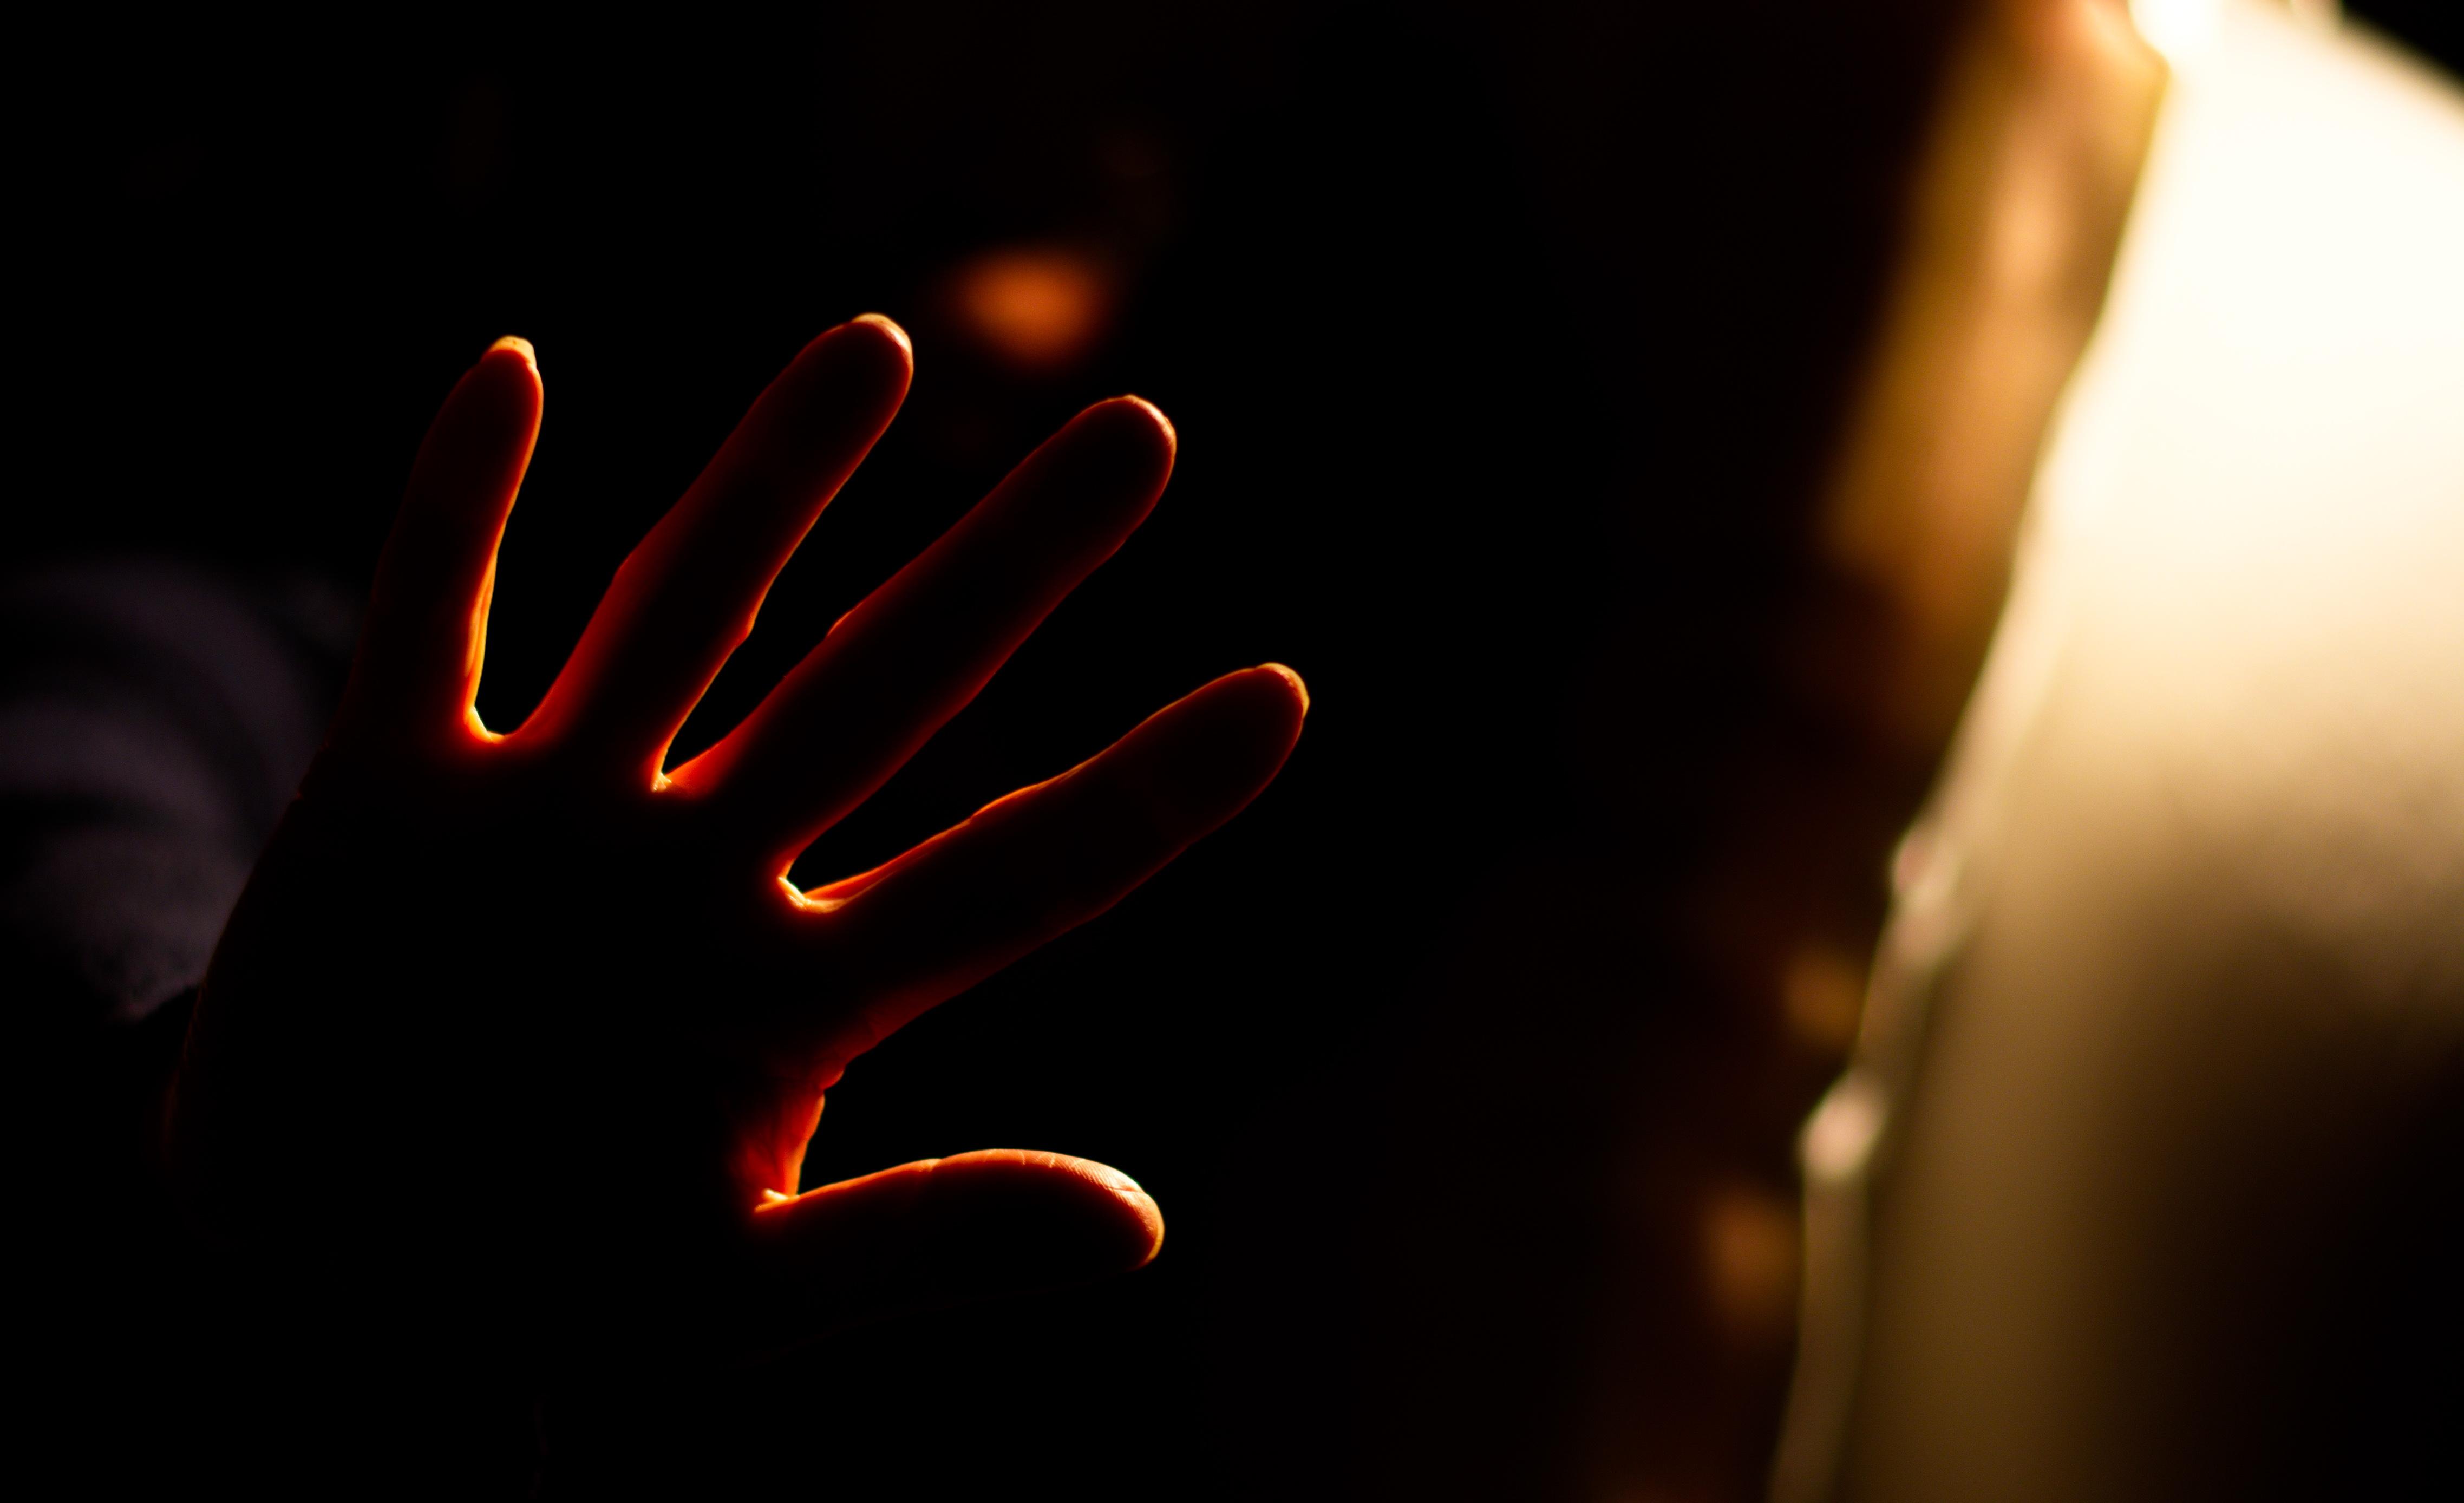 Le contour de ta main